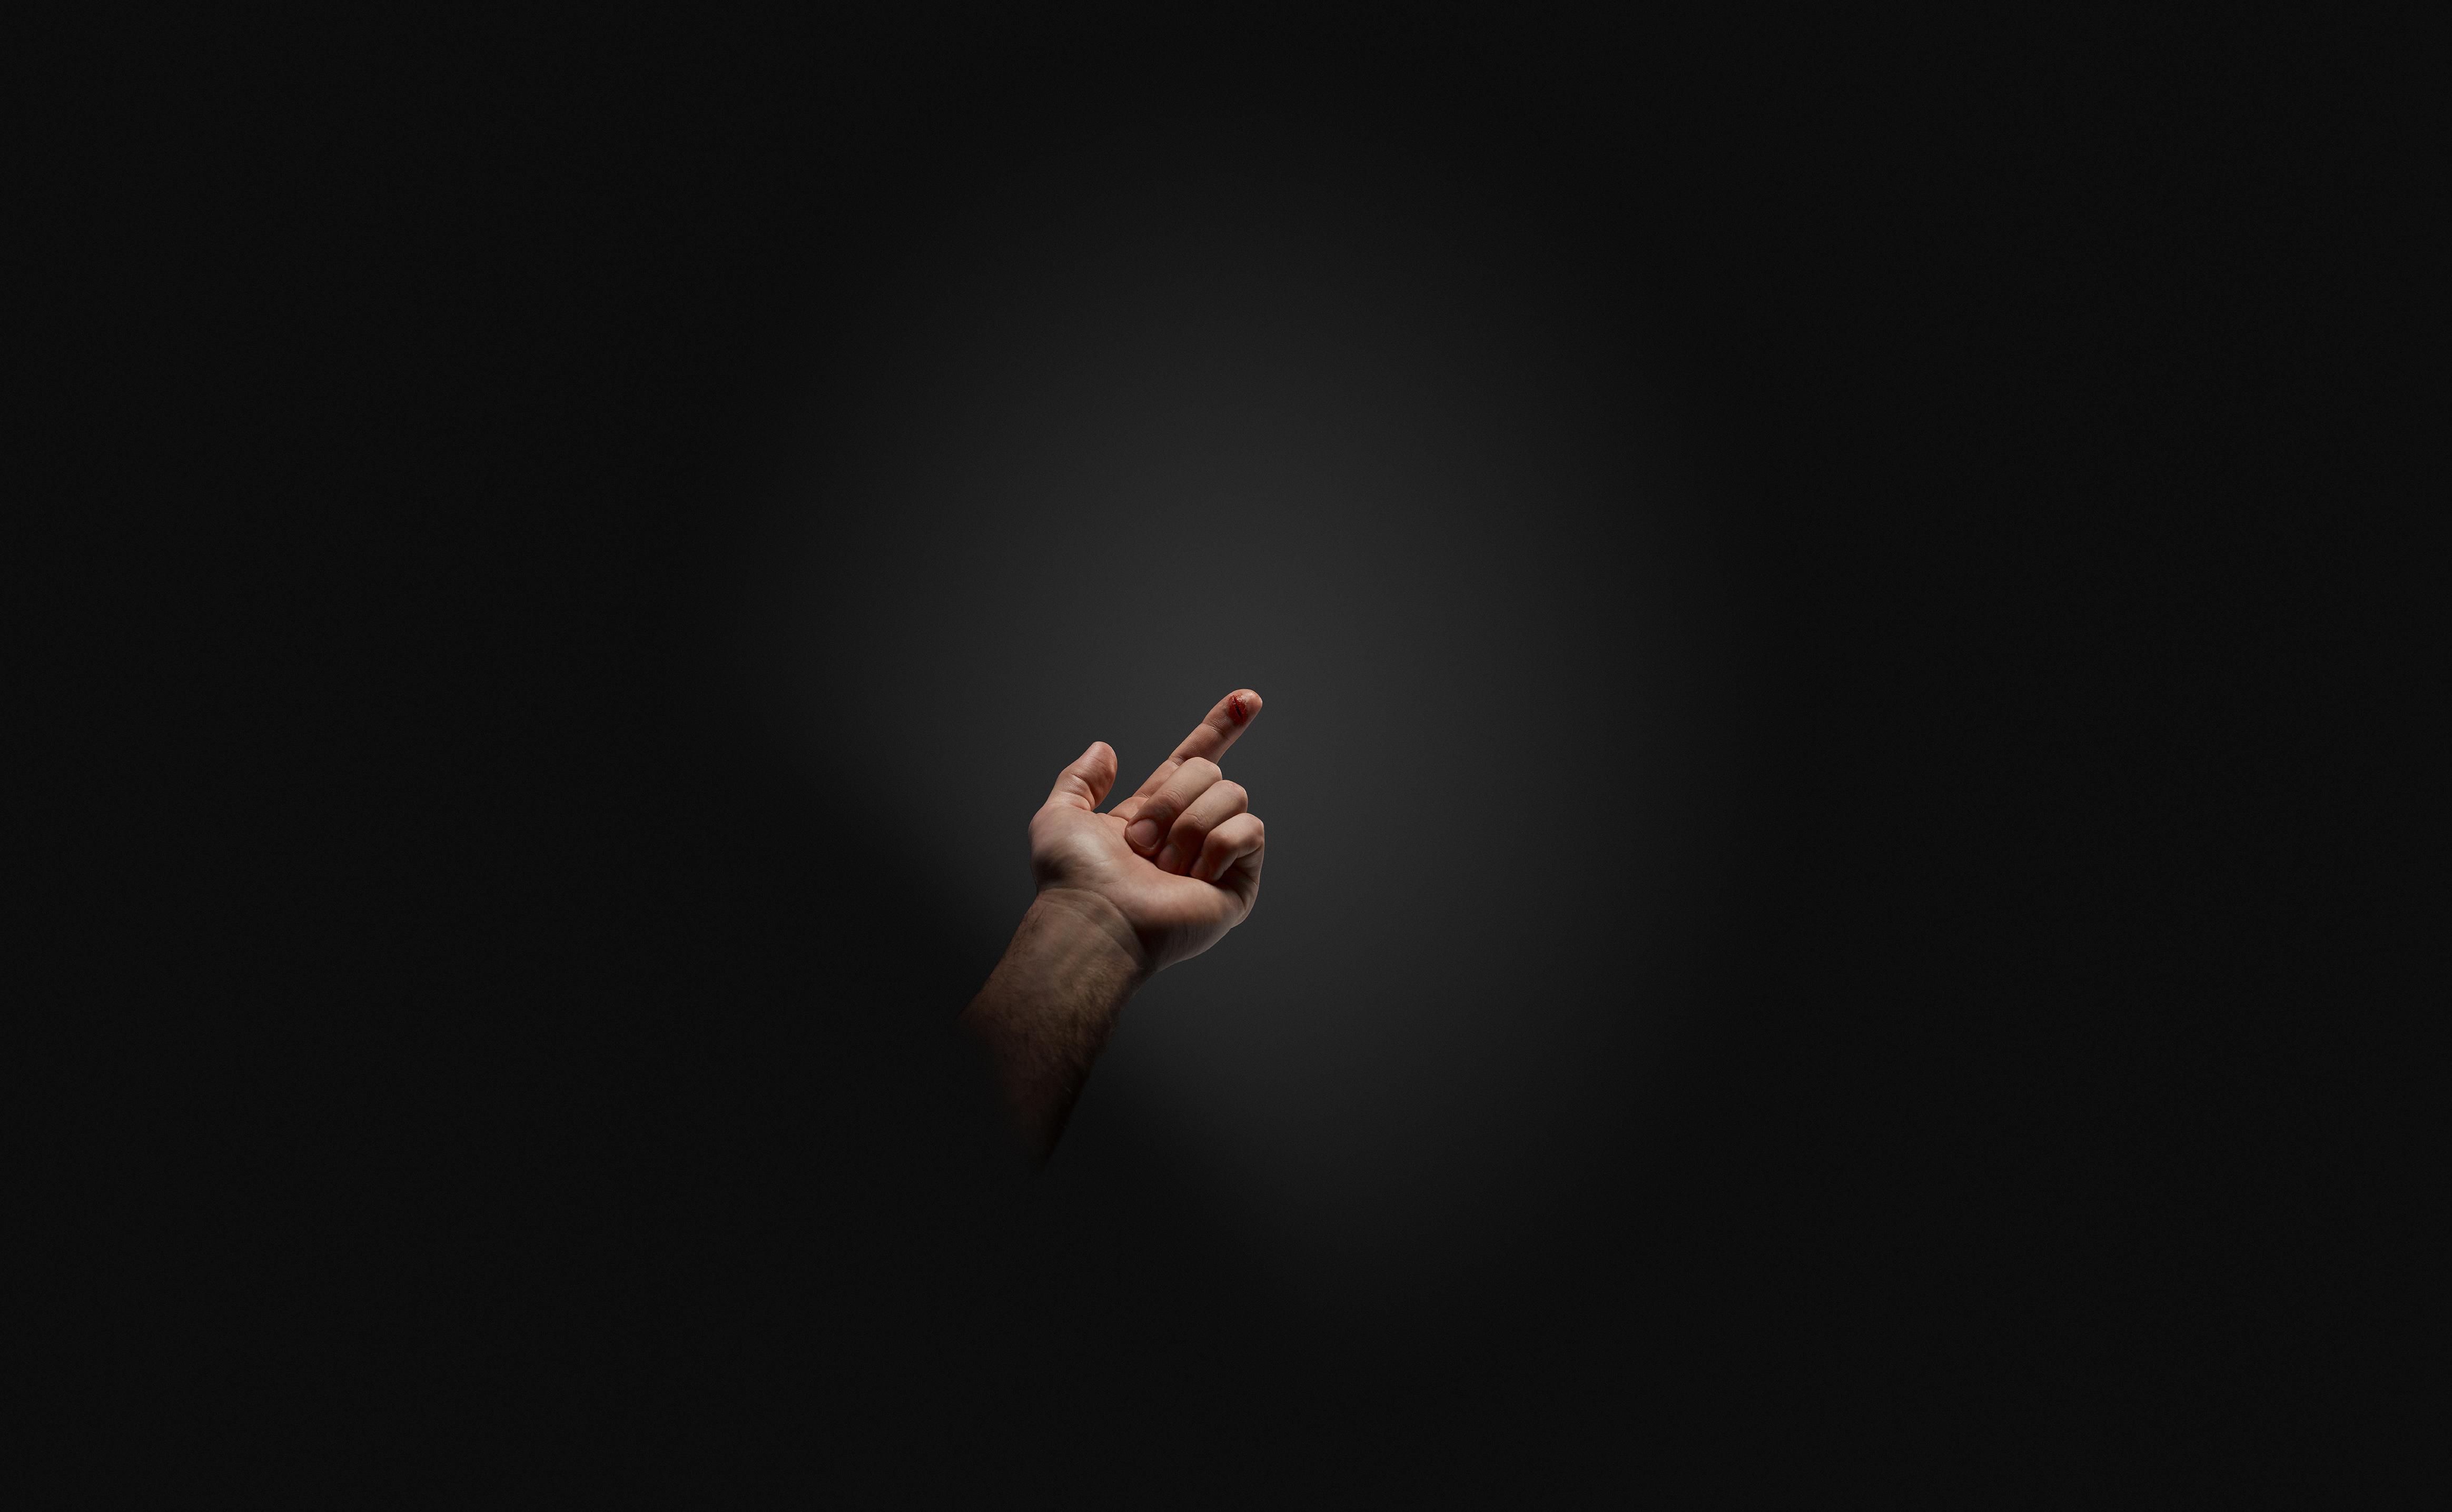 Et kutt i fingeren kan bli farlig hvis vi bruker for mye antibiotika